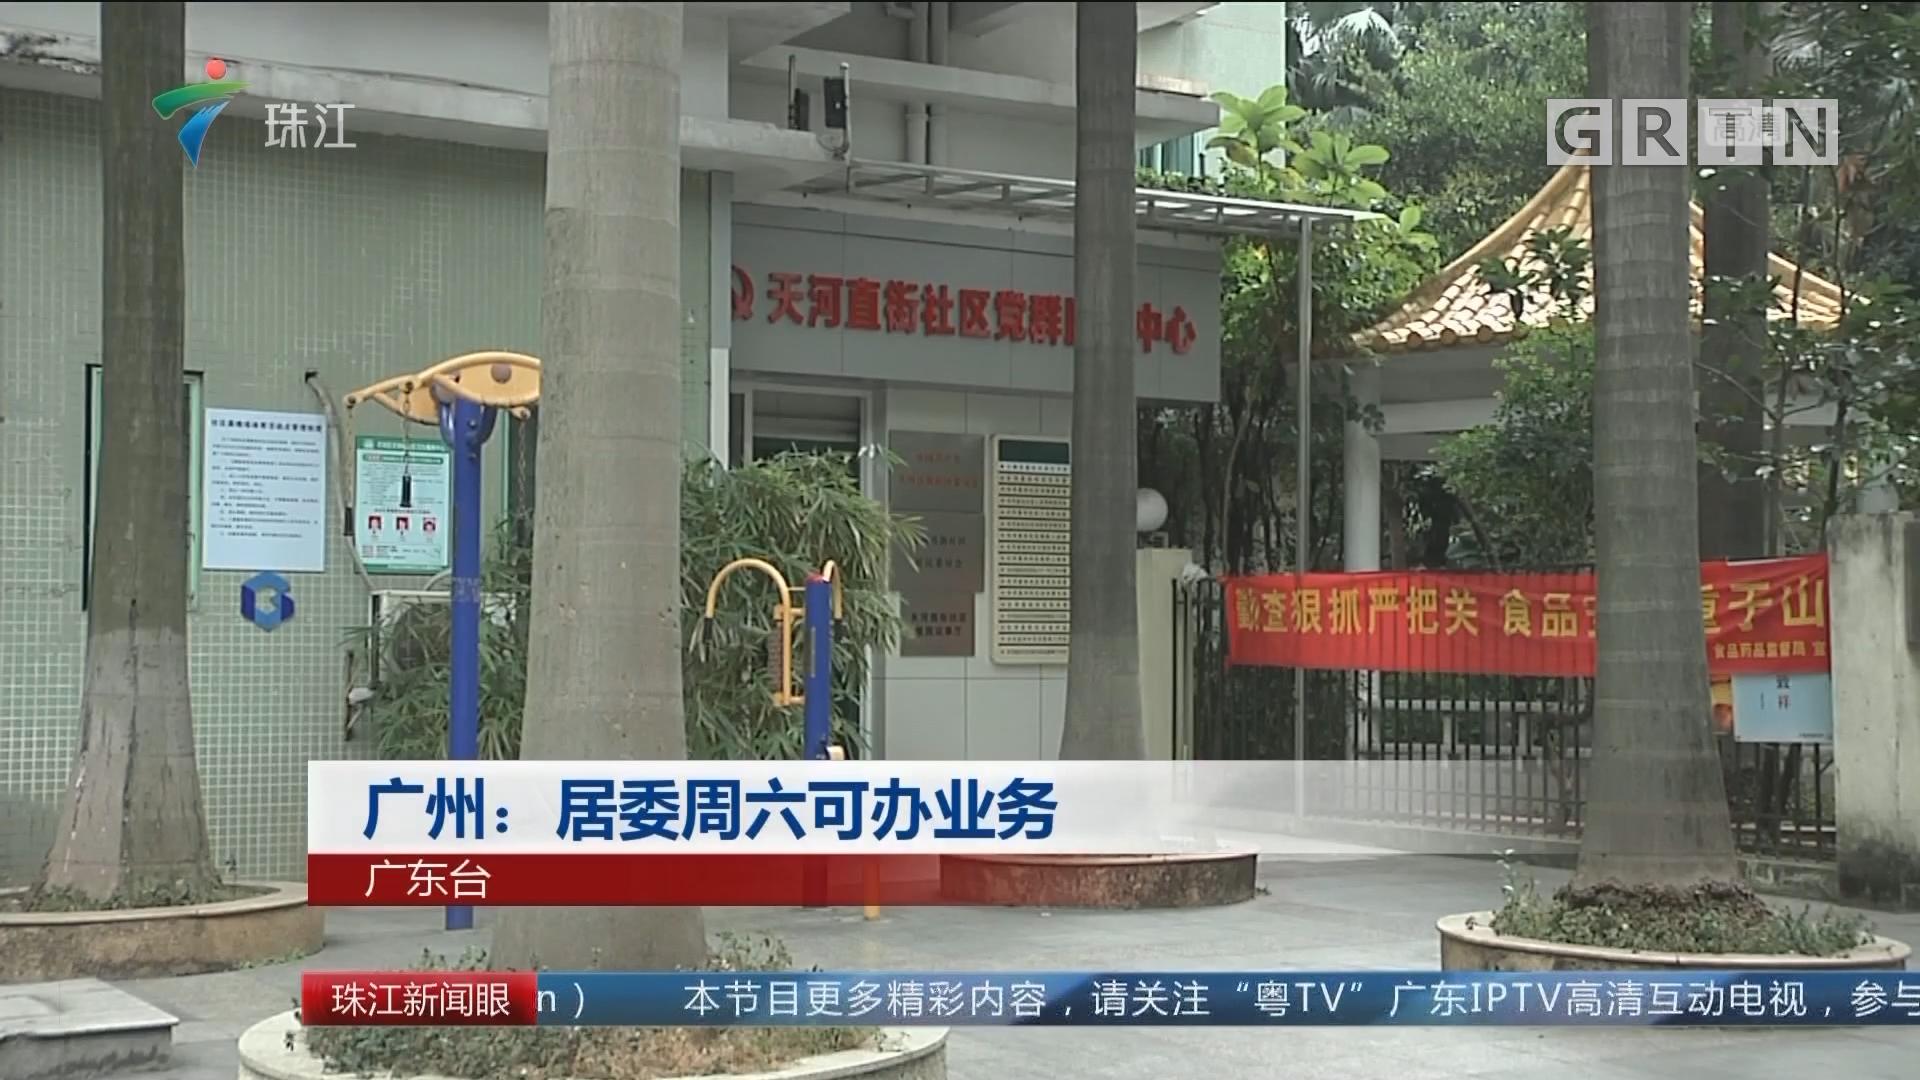 广州:居委周六可办业务